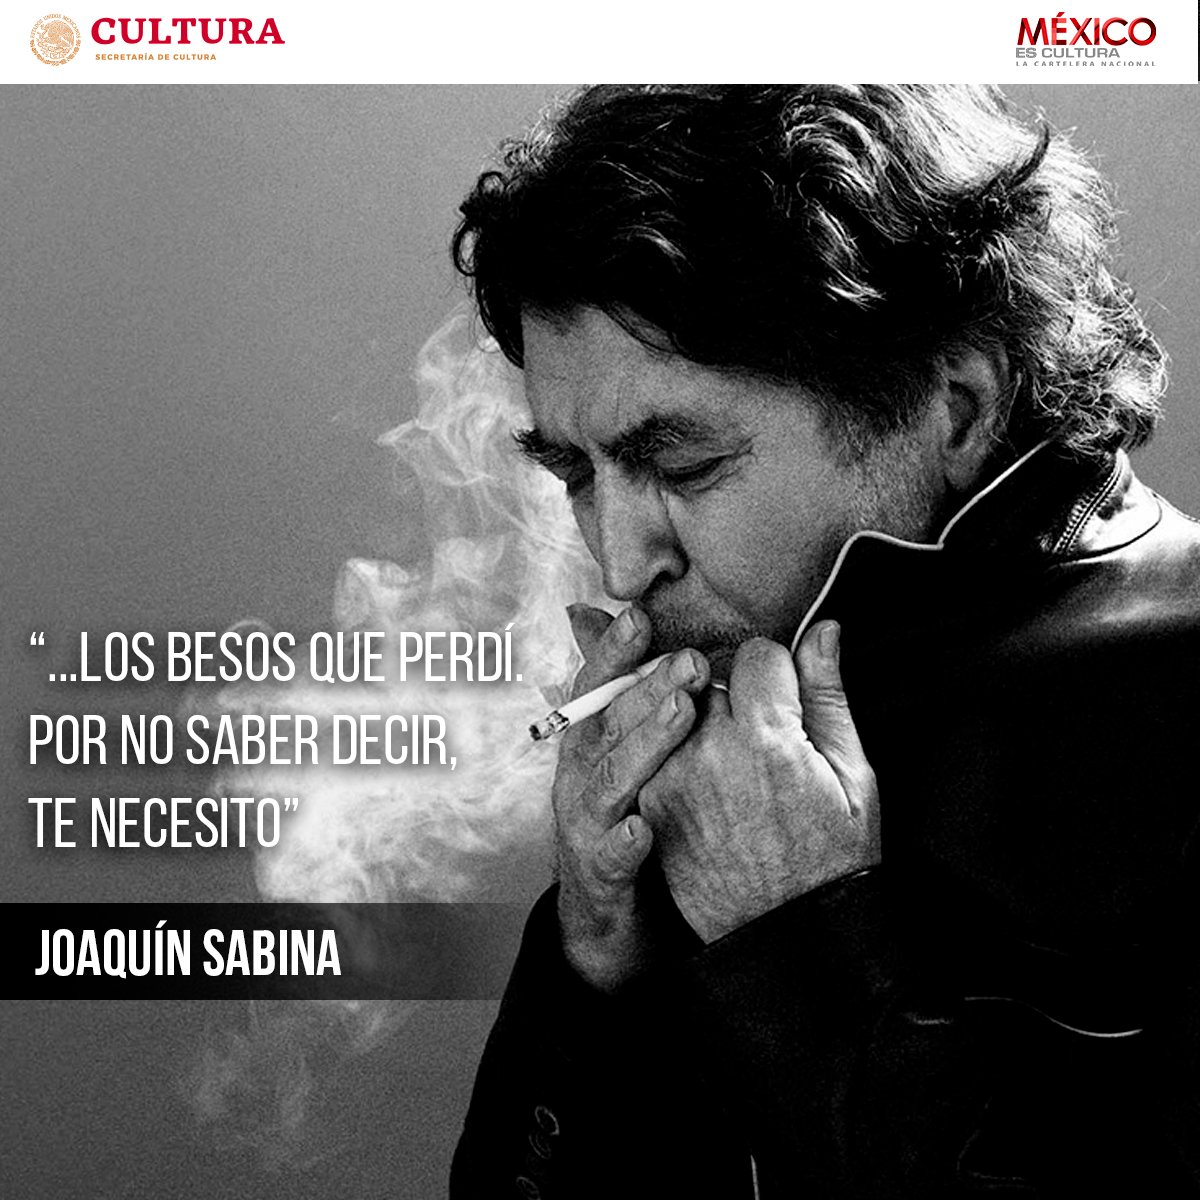 México Es Cultura På Twitter Feliz Cumpleaños Joaquín Sabina Hoy Cumple 70 Años Uno De Los Compositores Y Cantantes Más Queridos De España Algunos De Los Temas Más Emblemático De Sabina Son